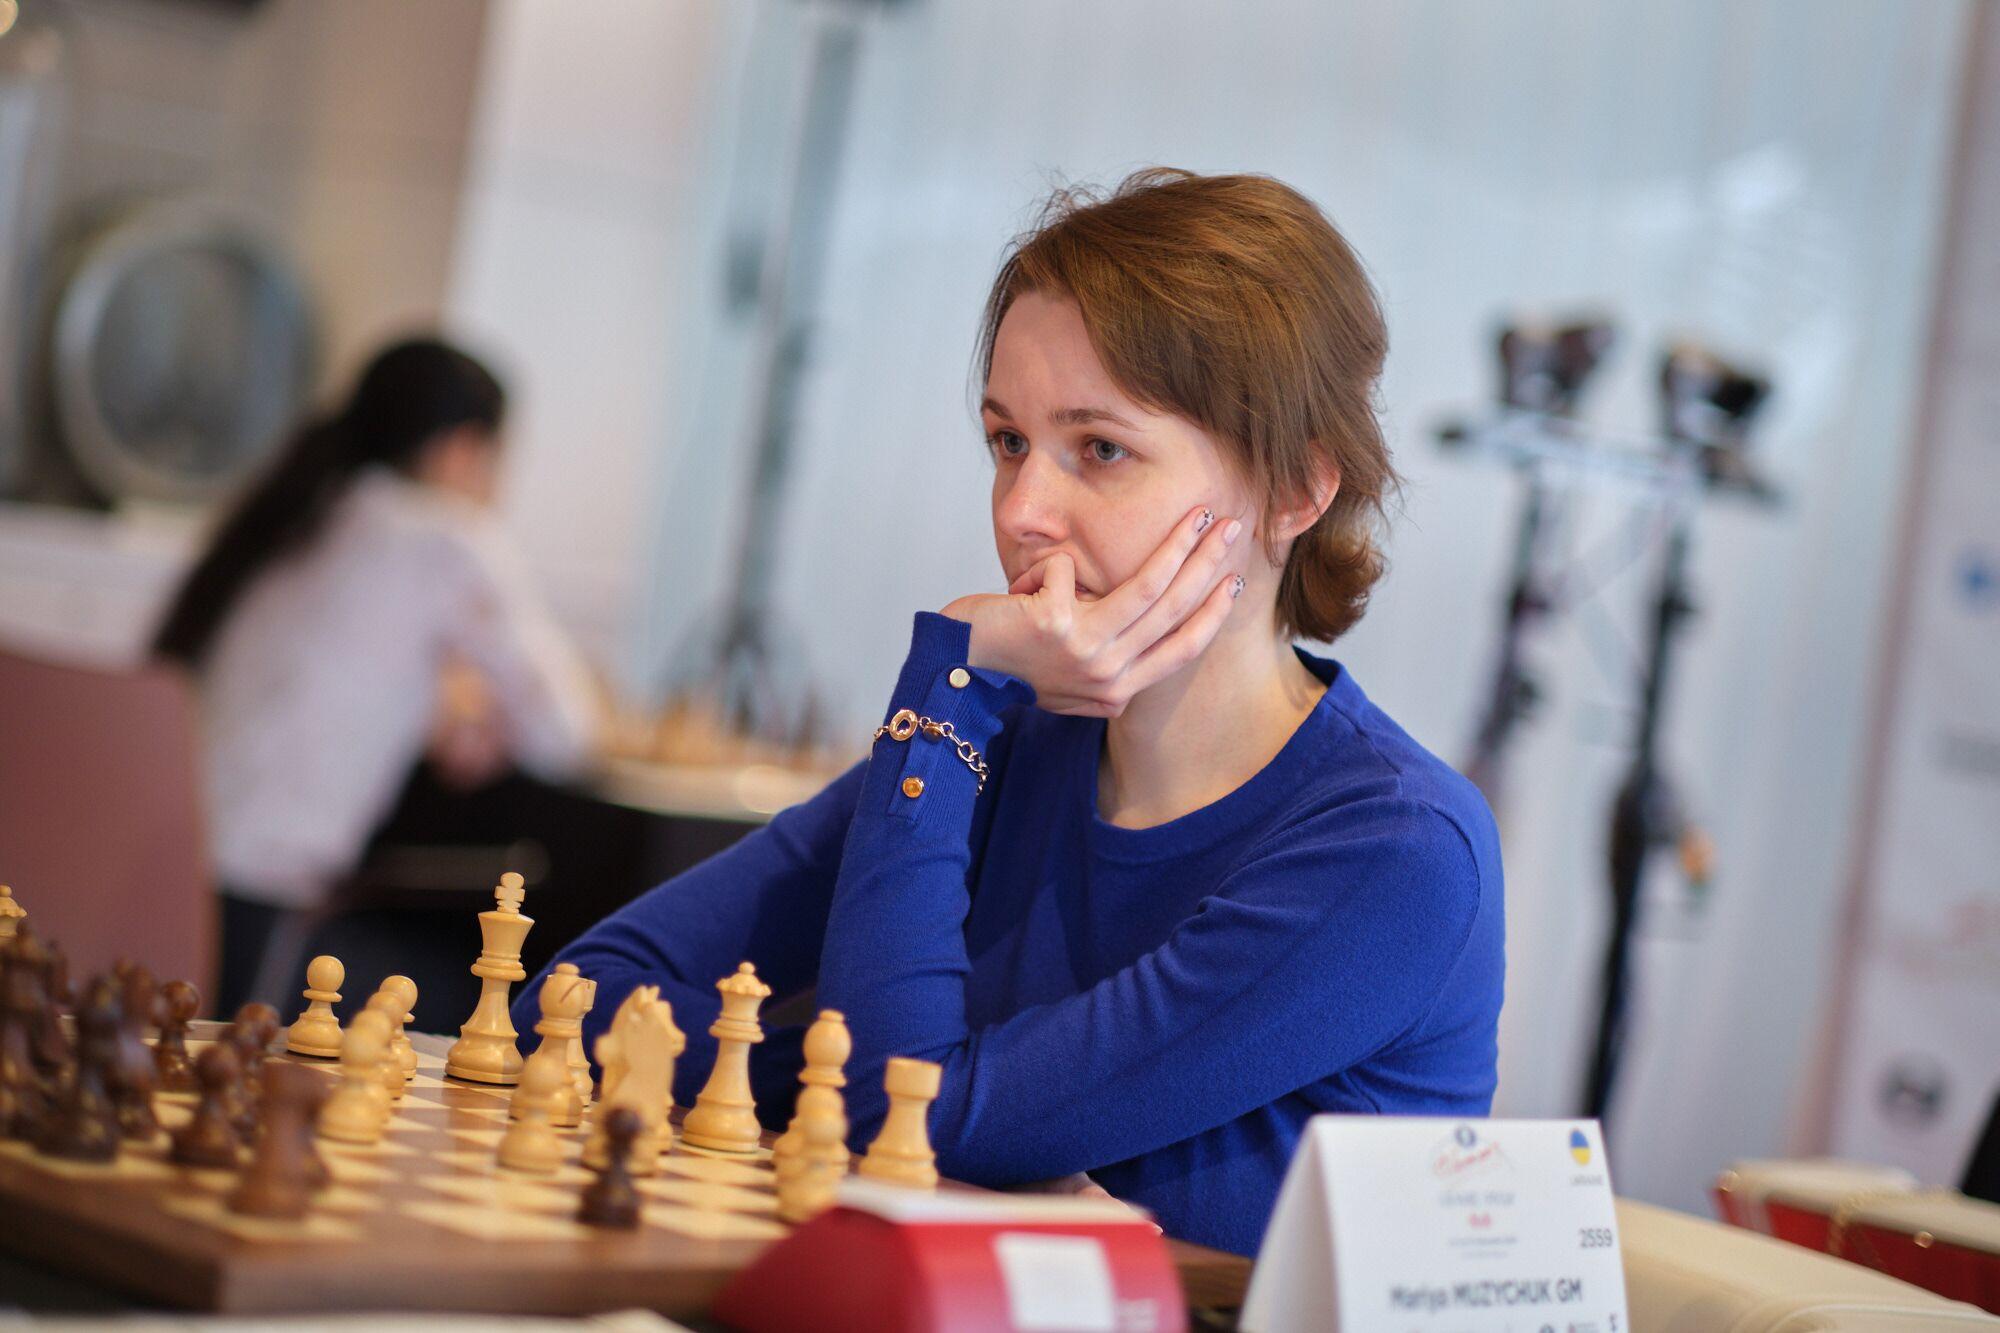 мастерством мария музычук шахматы фото что ещё